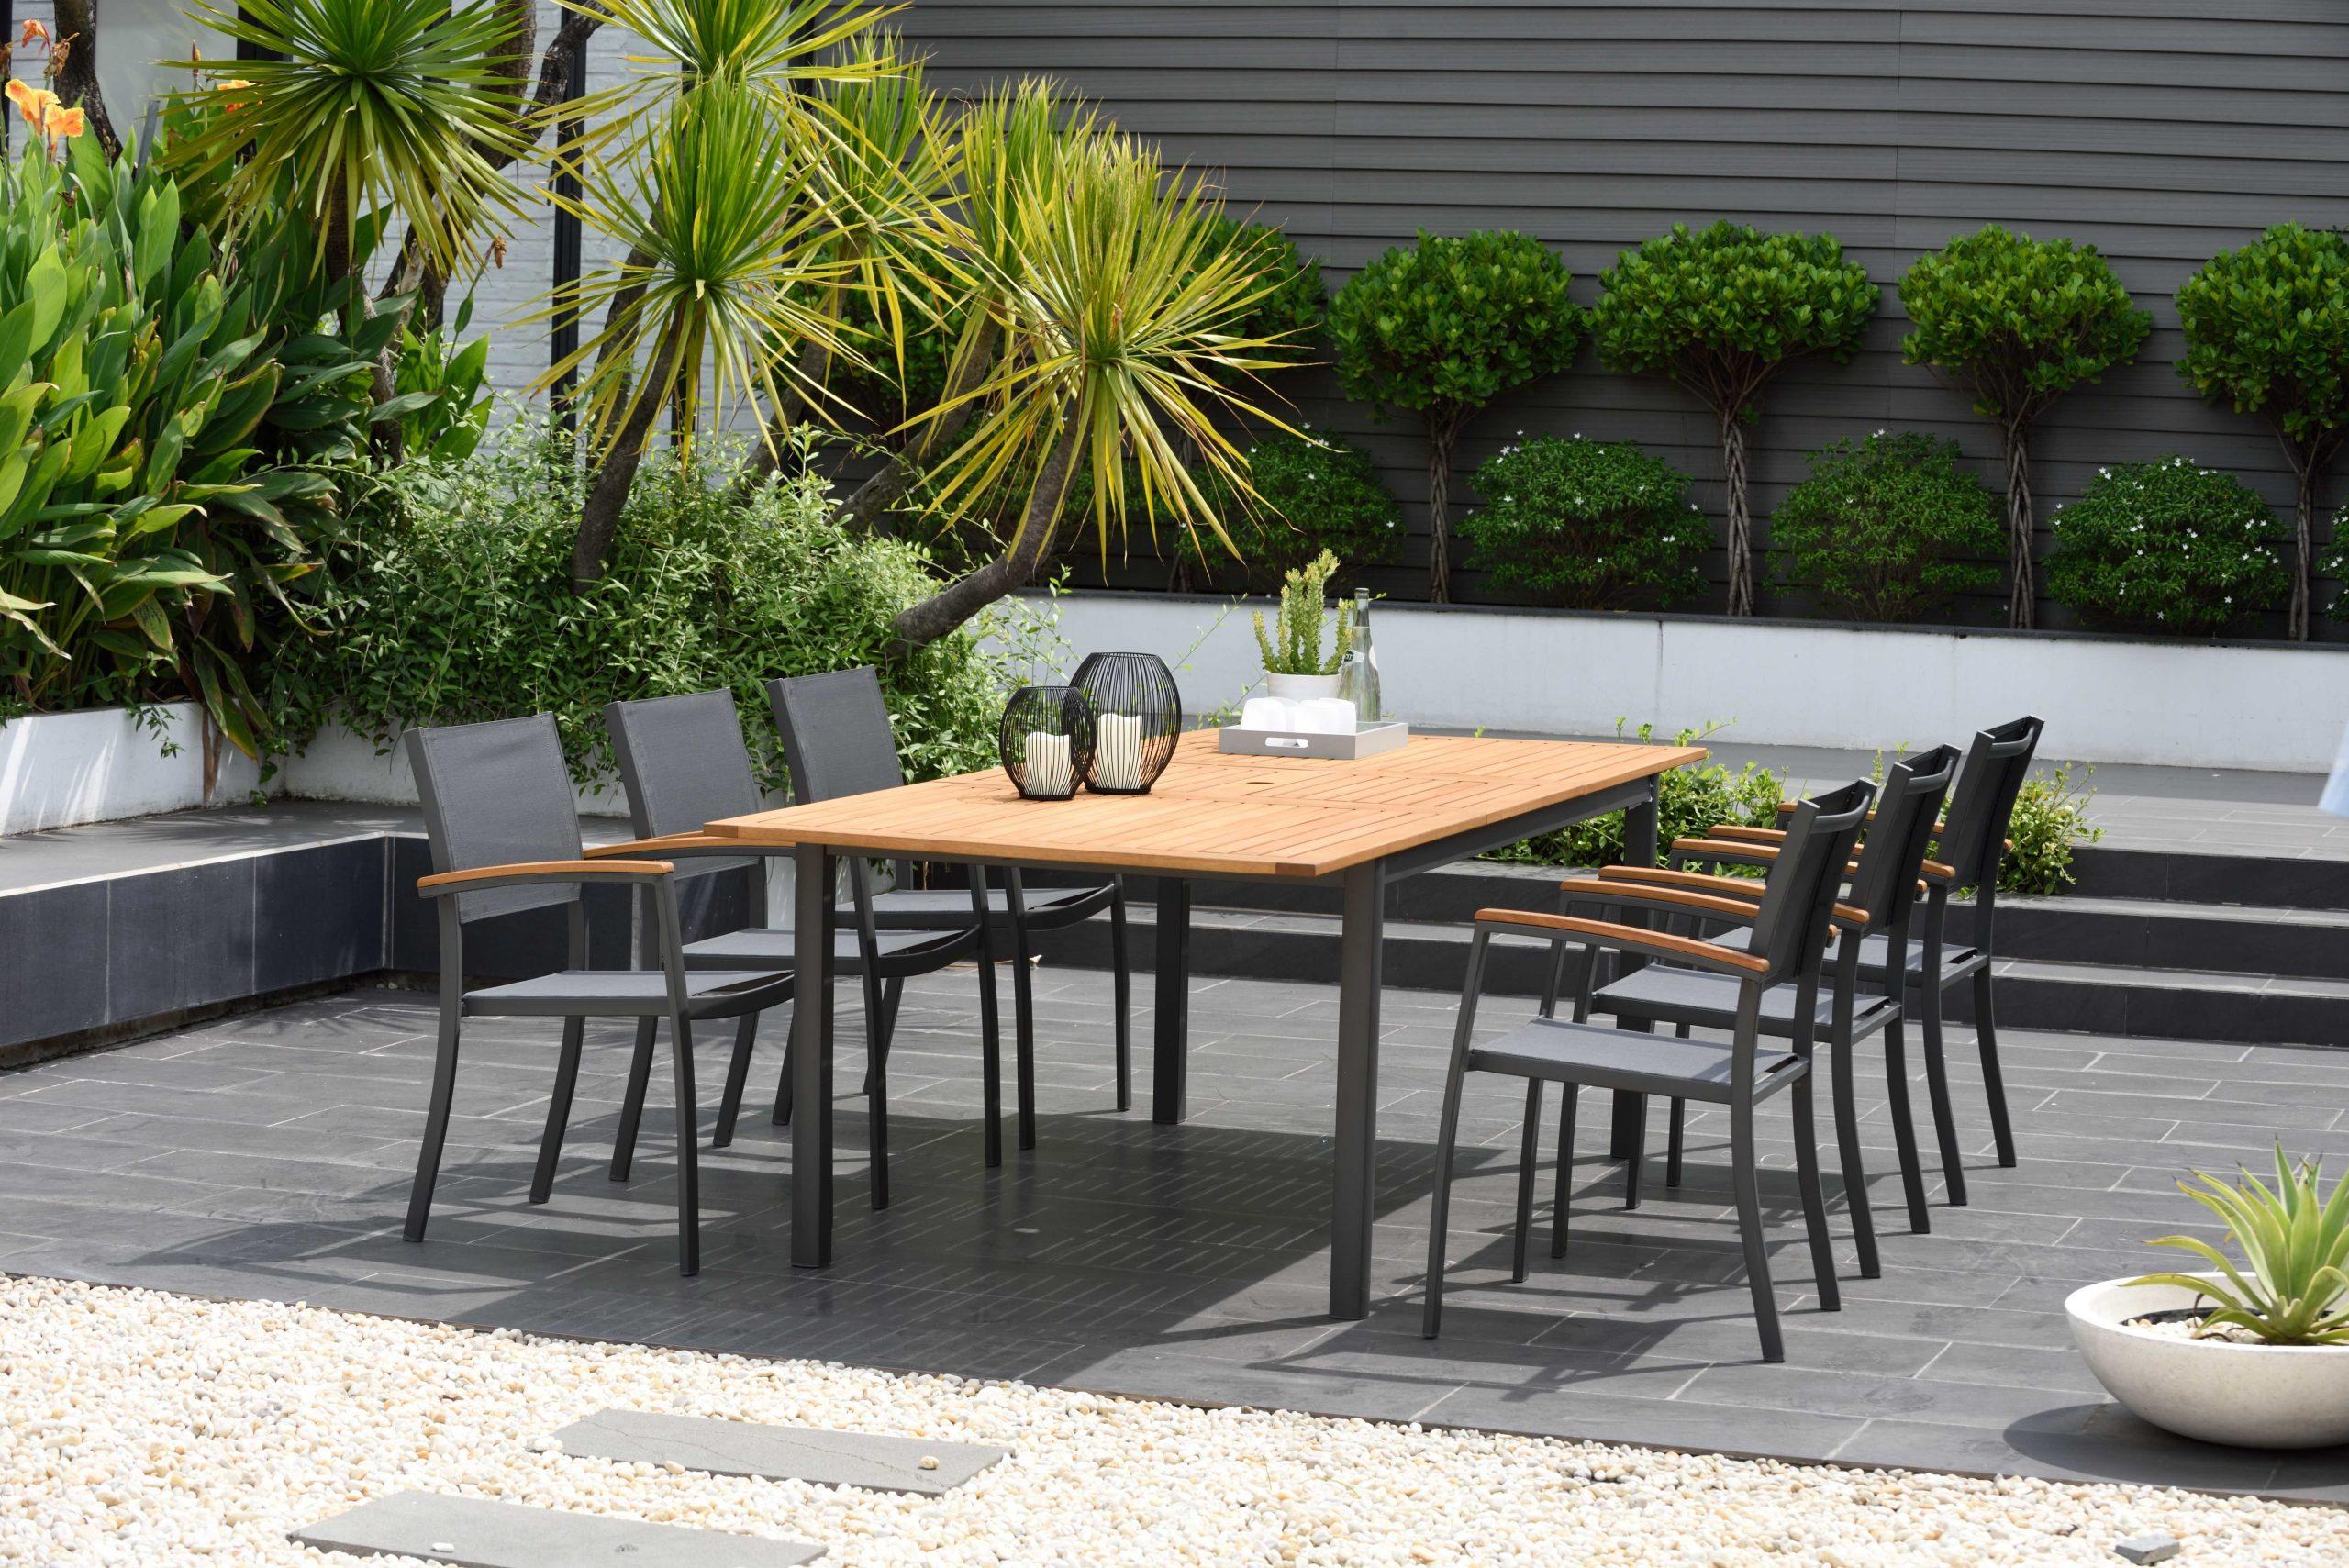 Table De Jardin De Repas Kingsburry Rectangulaire Naturel Et Gris De 6 À 8  Perso dedans Leroy Merlin Mobilier De Jardin